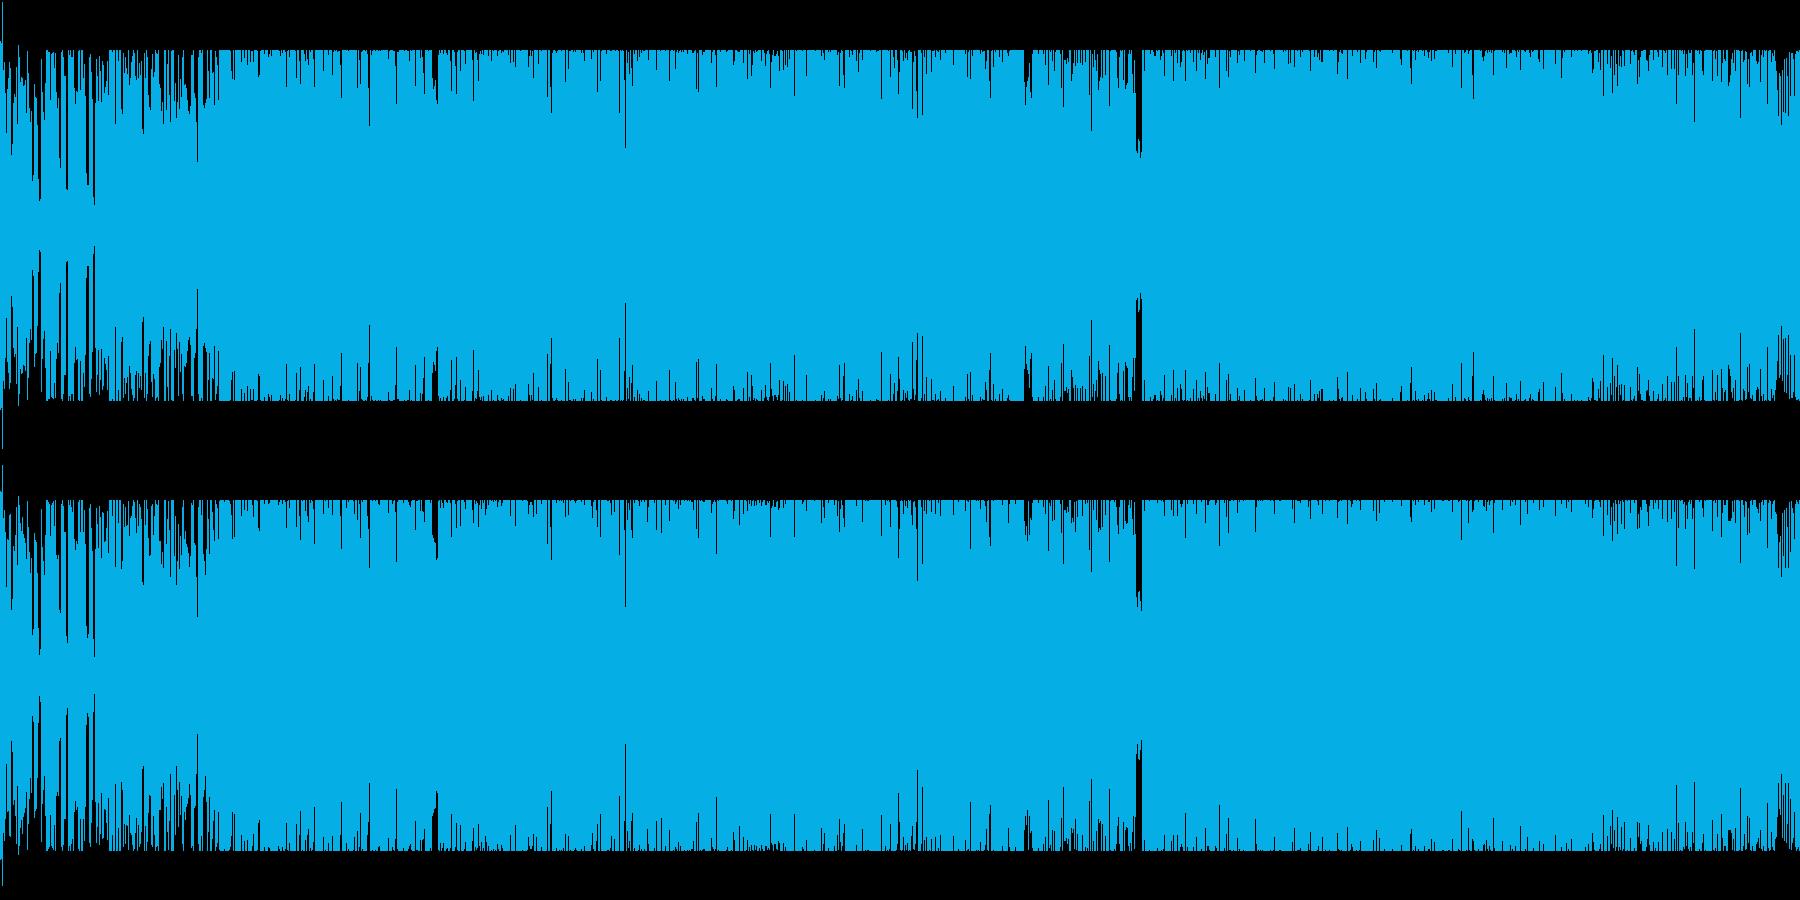 和風/モダン/三味線/箏/和楽器/EDMの再生済みの波形